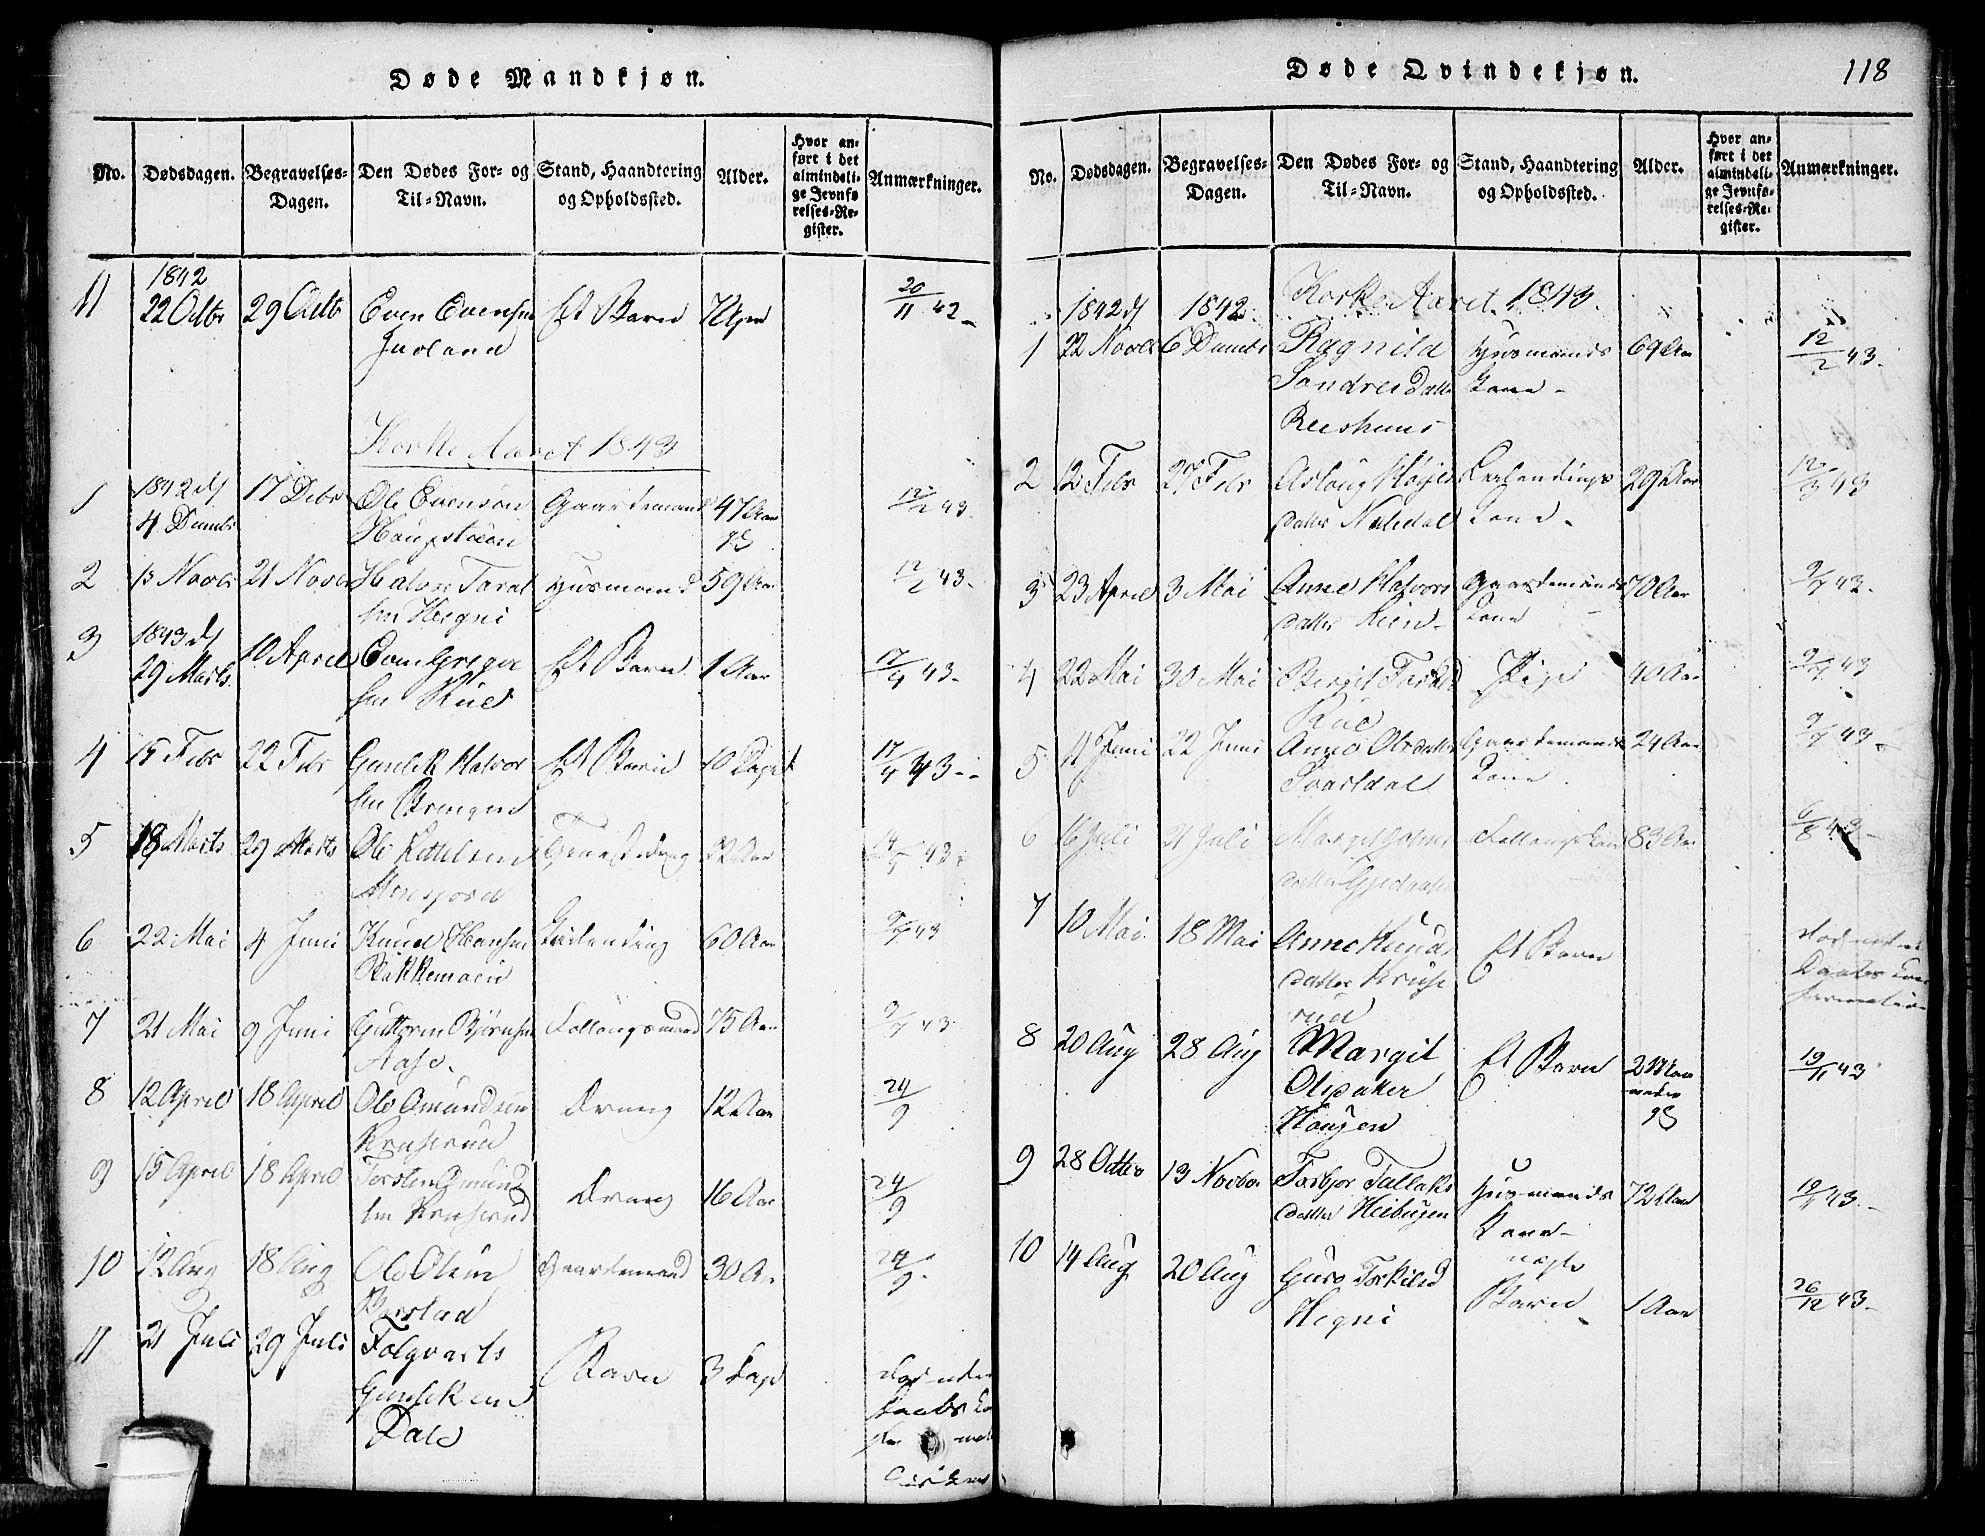 SAKO, Seljord kirkebøker, G/Gb/L0002: Klokkerbok nr. II 2, 1815-1854, s. 118